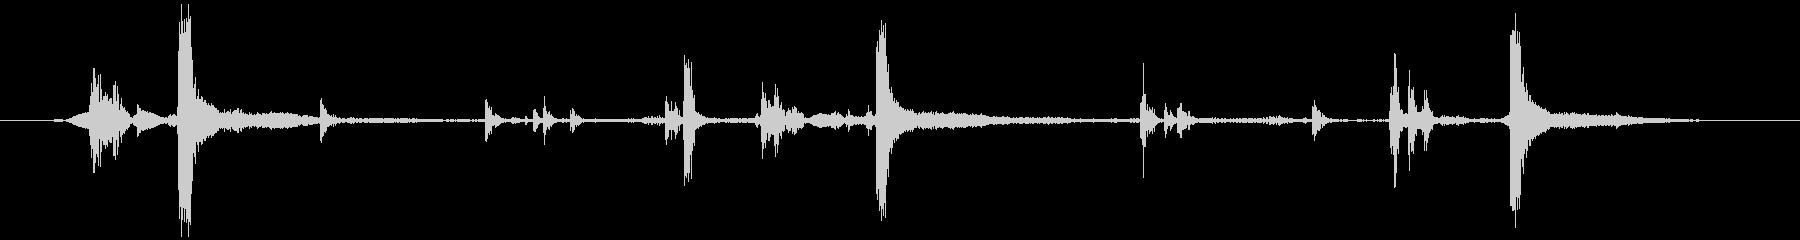 数取器(素早く)カタカタカタの未再生の波形